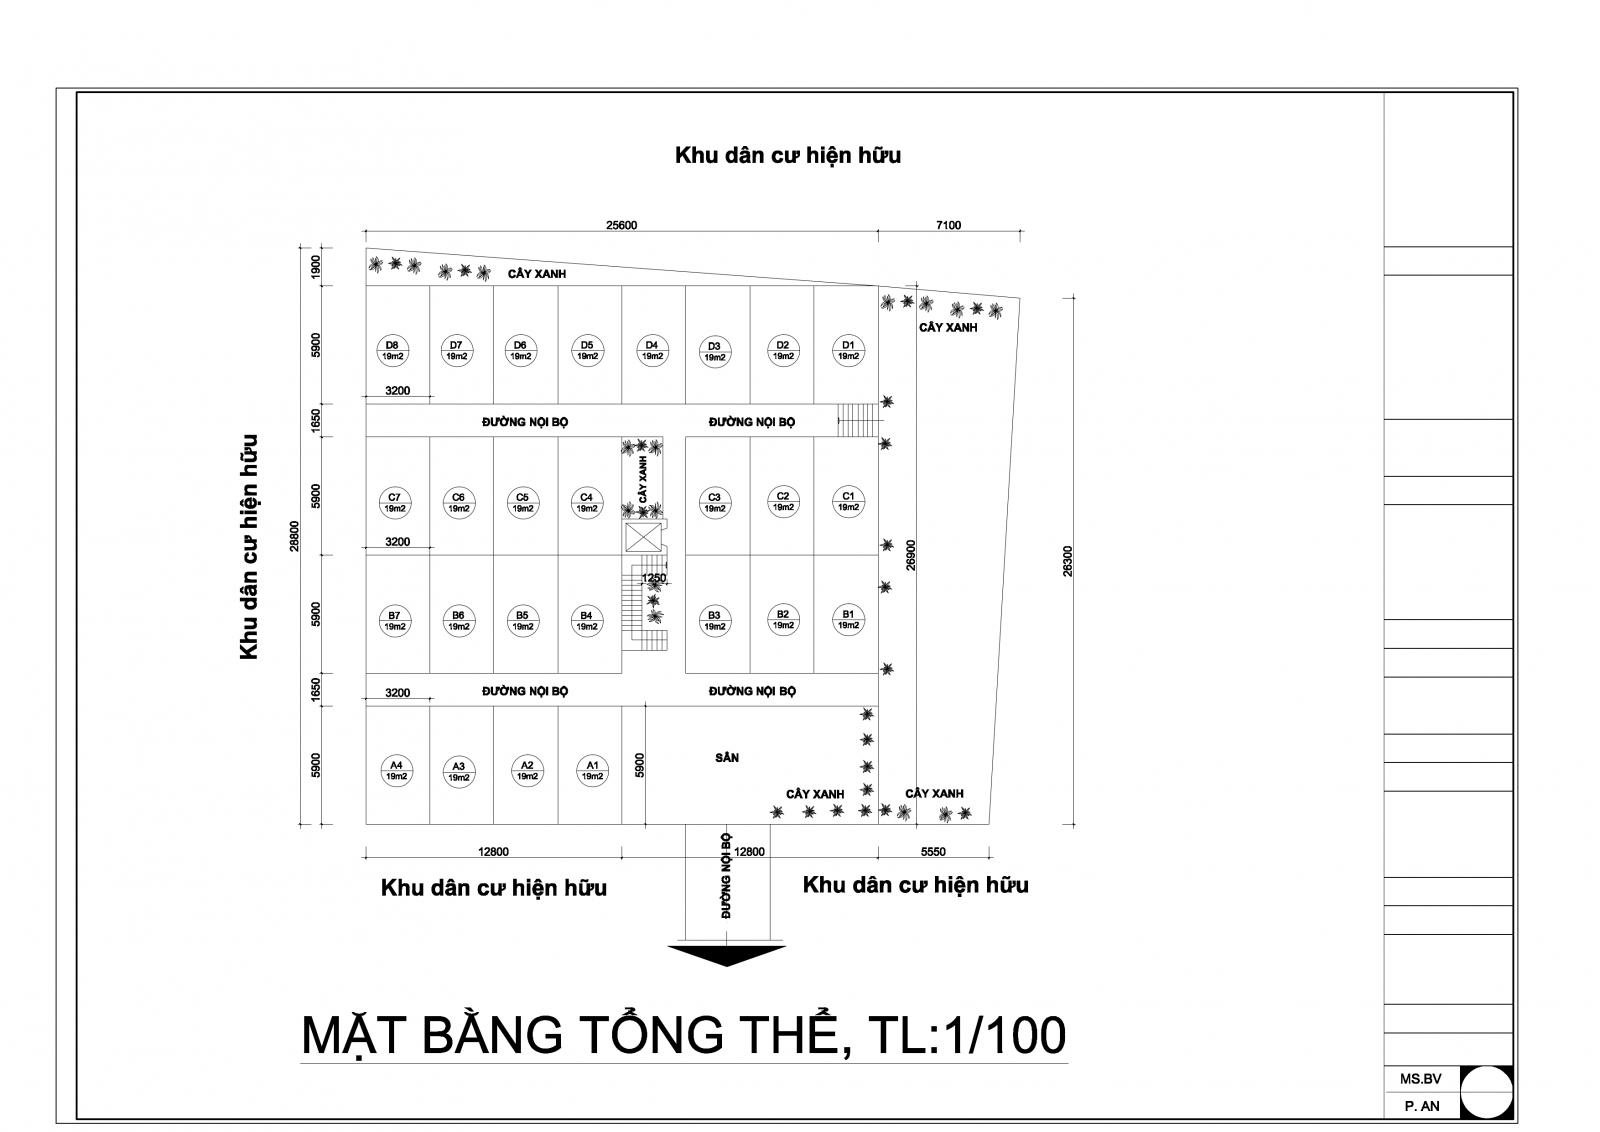 mat bang tong the chung cu my hanh